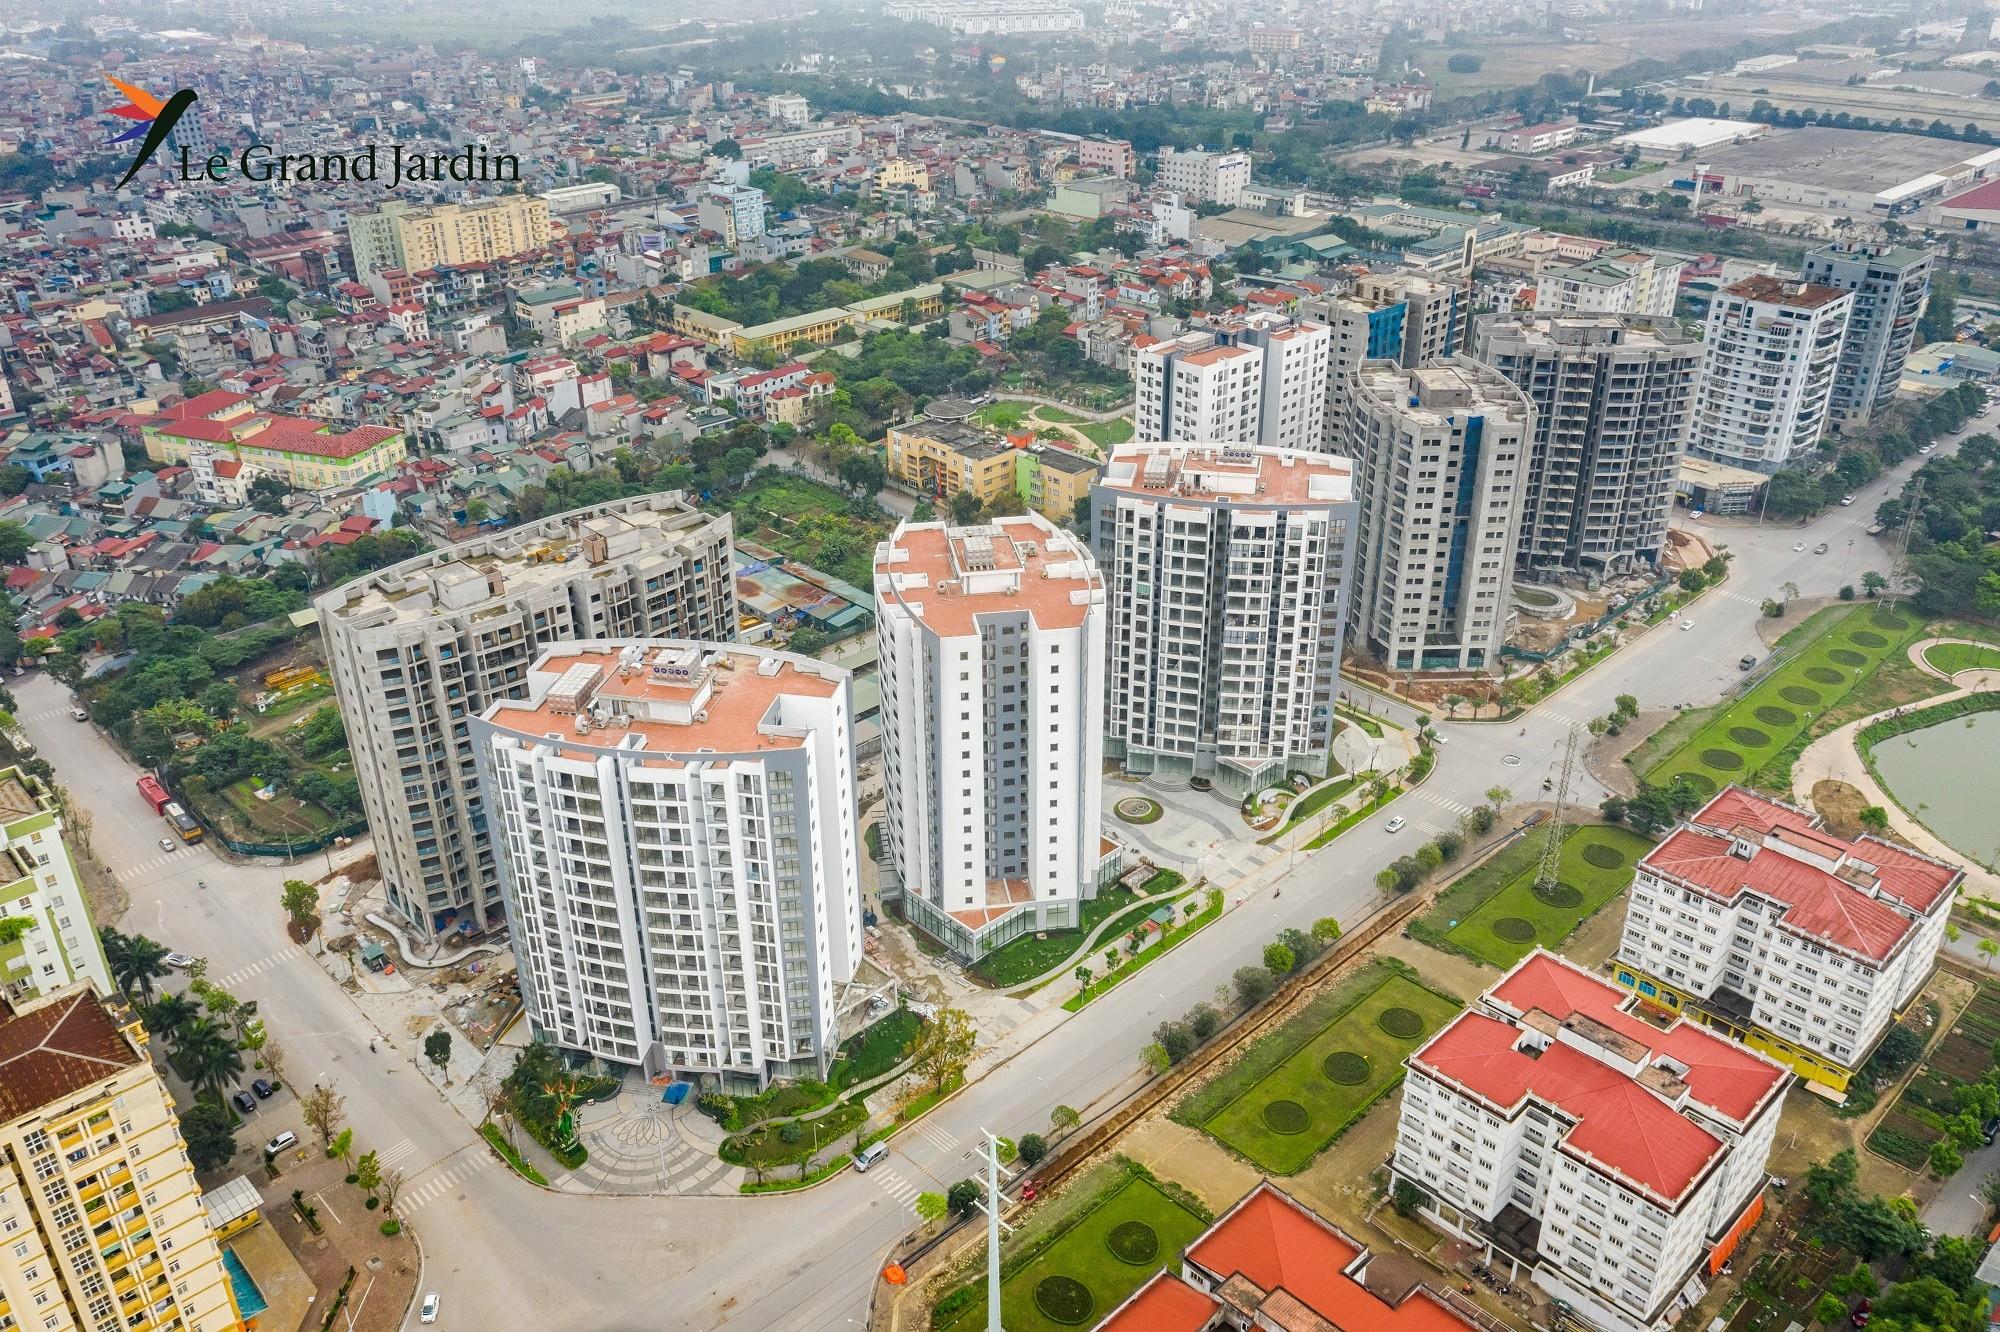 Bất động sản Long Biên tăng mạnh khi trở thành tâm điểm mới của Thủ đô